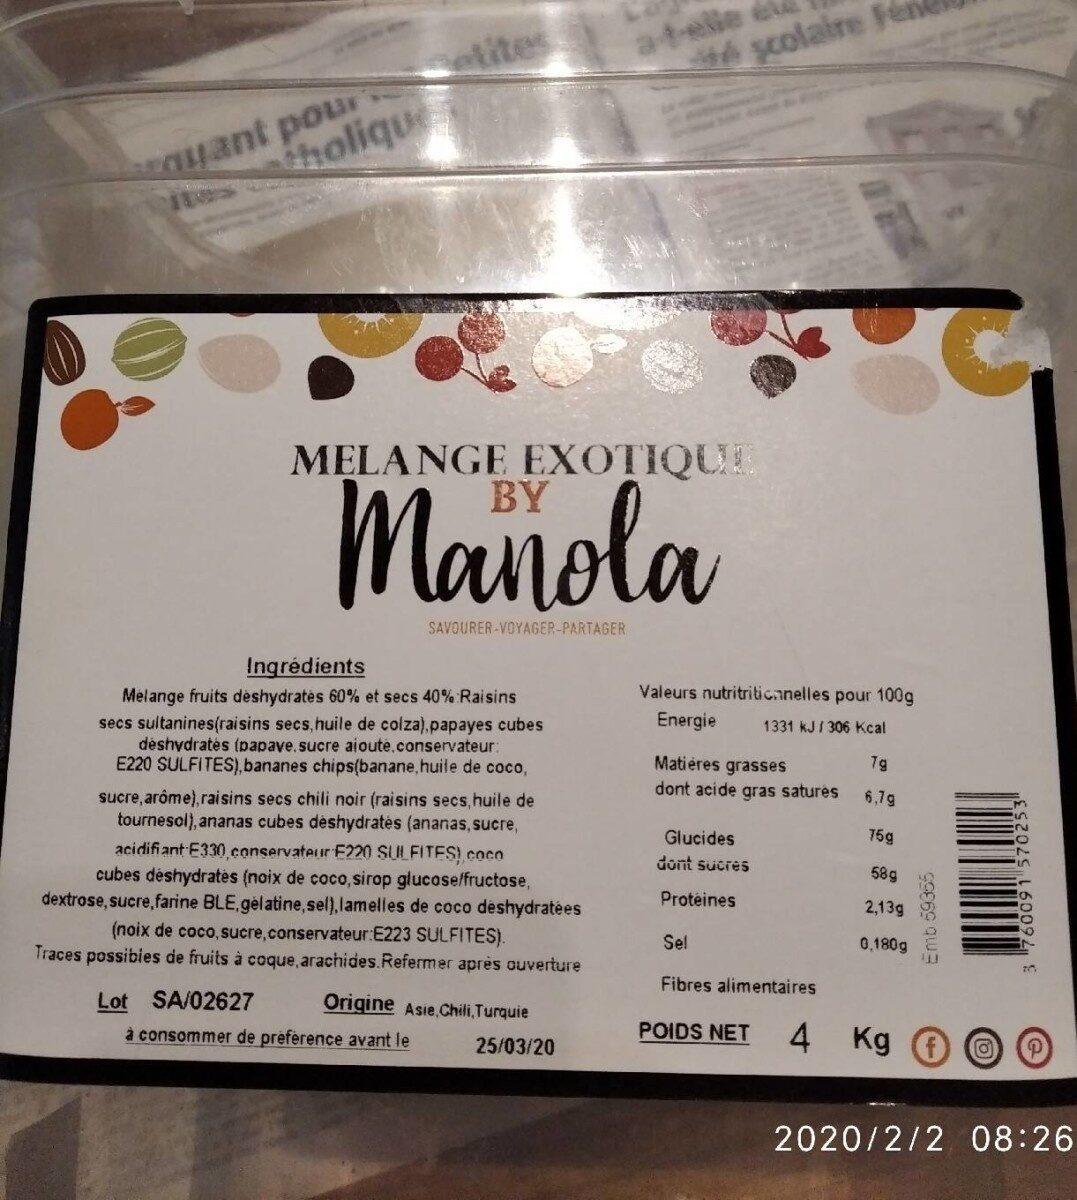 Mélange exotique MANOLA - Product - fr